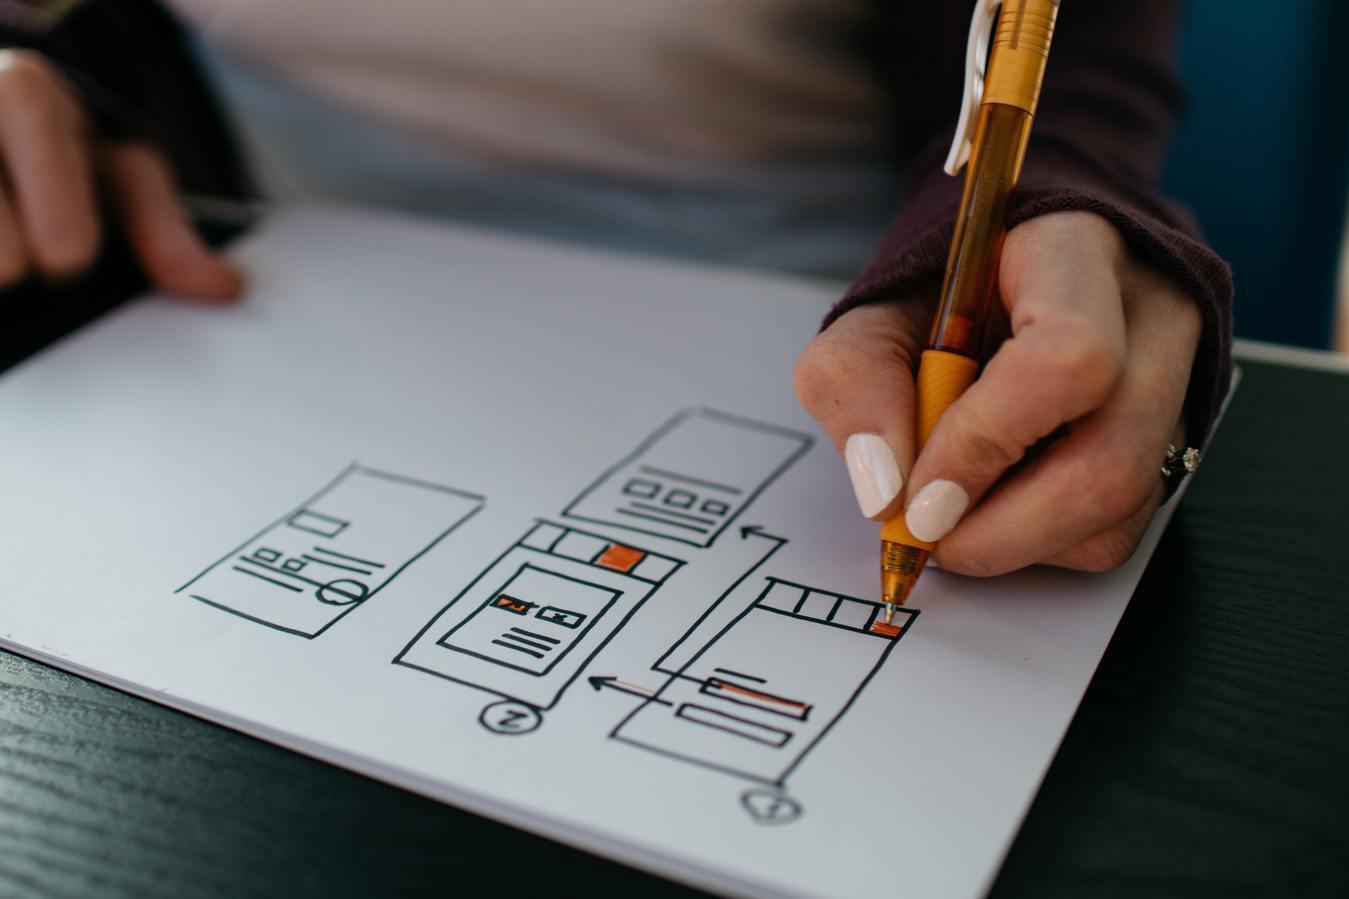 Tangan membuat alur desain web